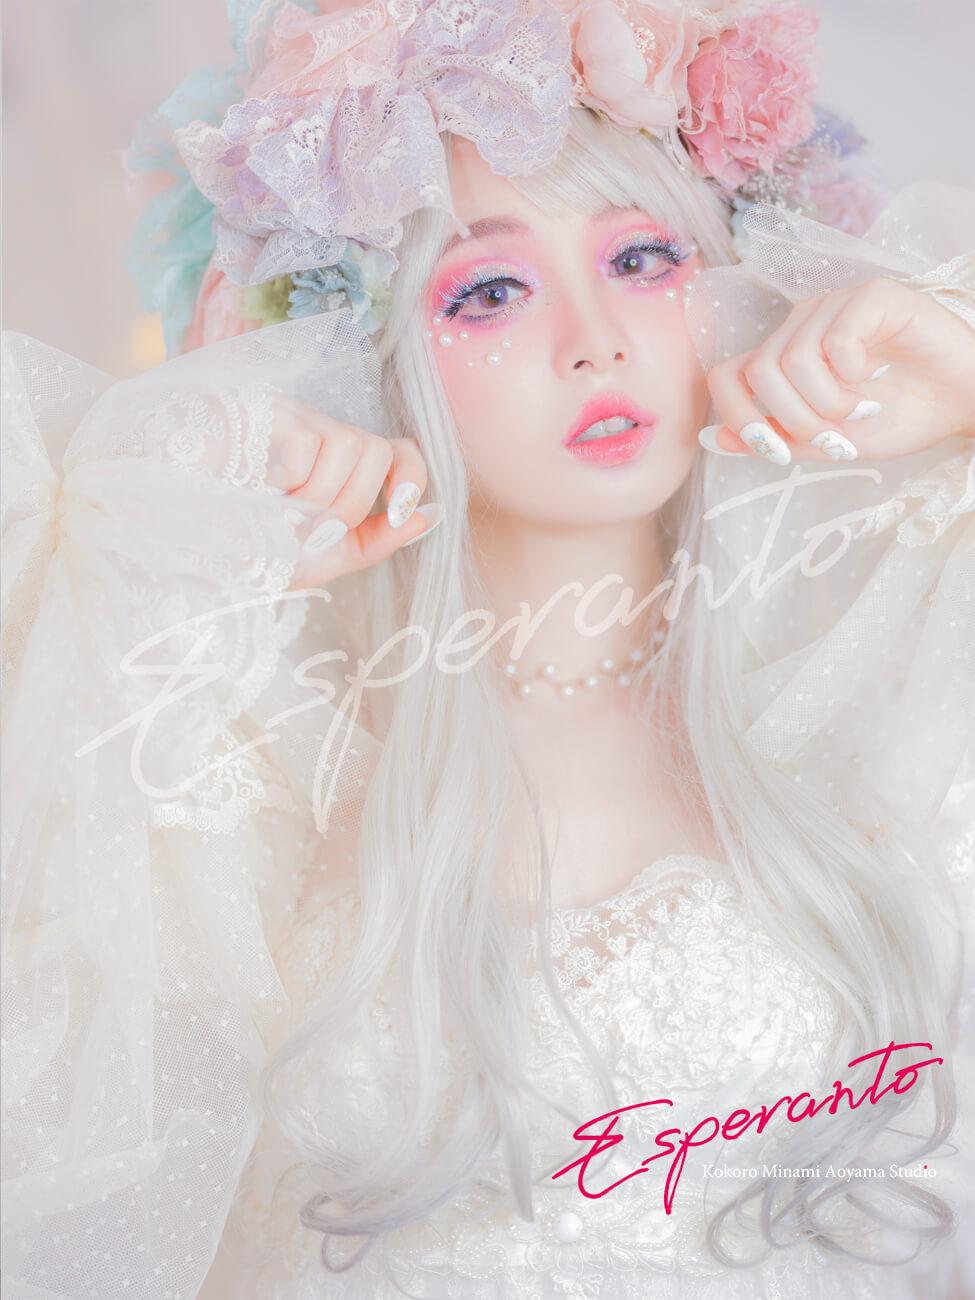 天使の詩 ドレス撮影 東京 天使